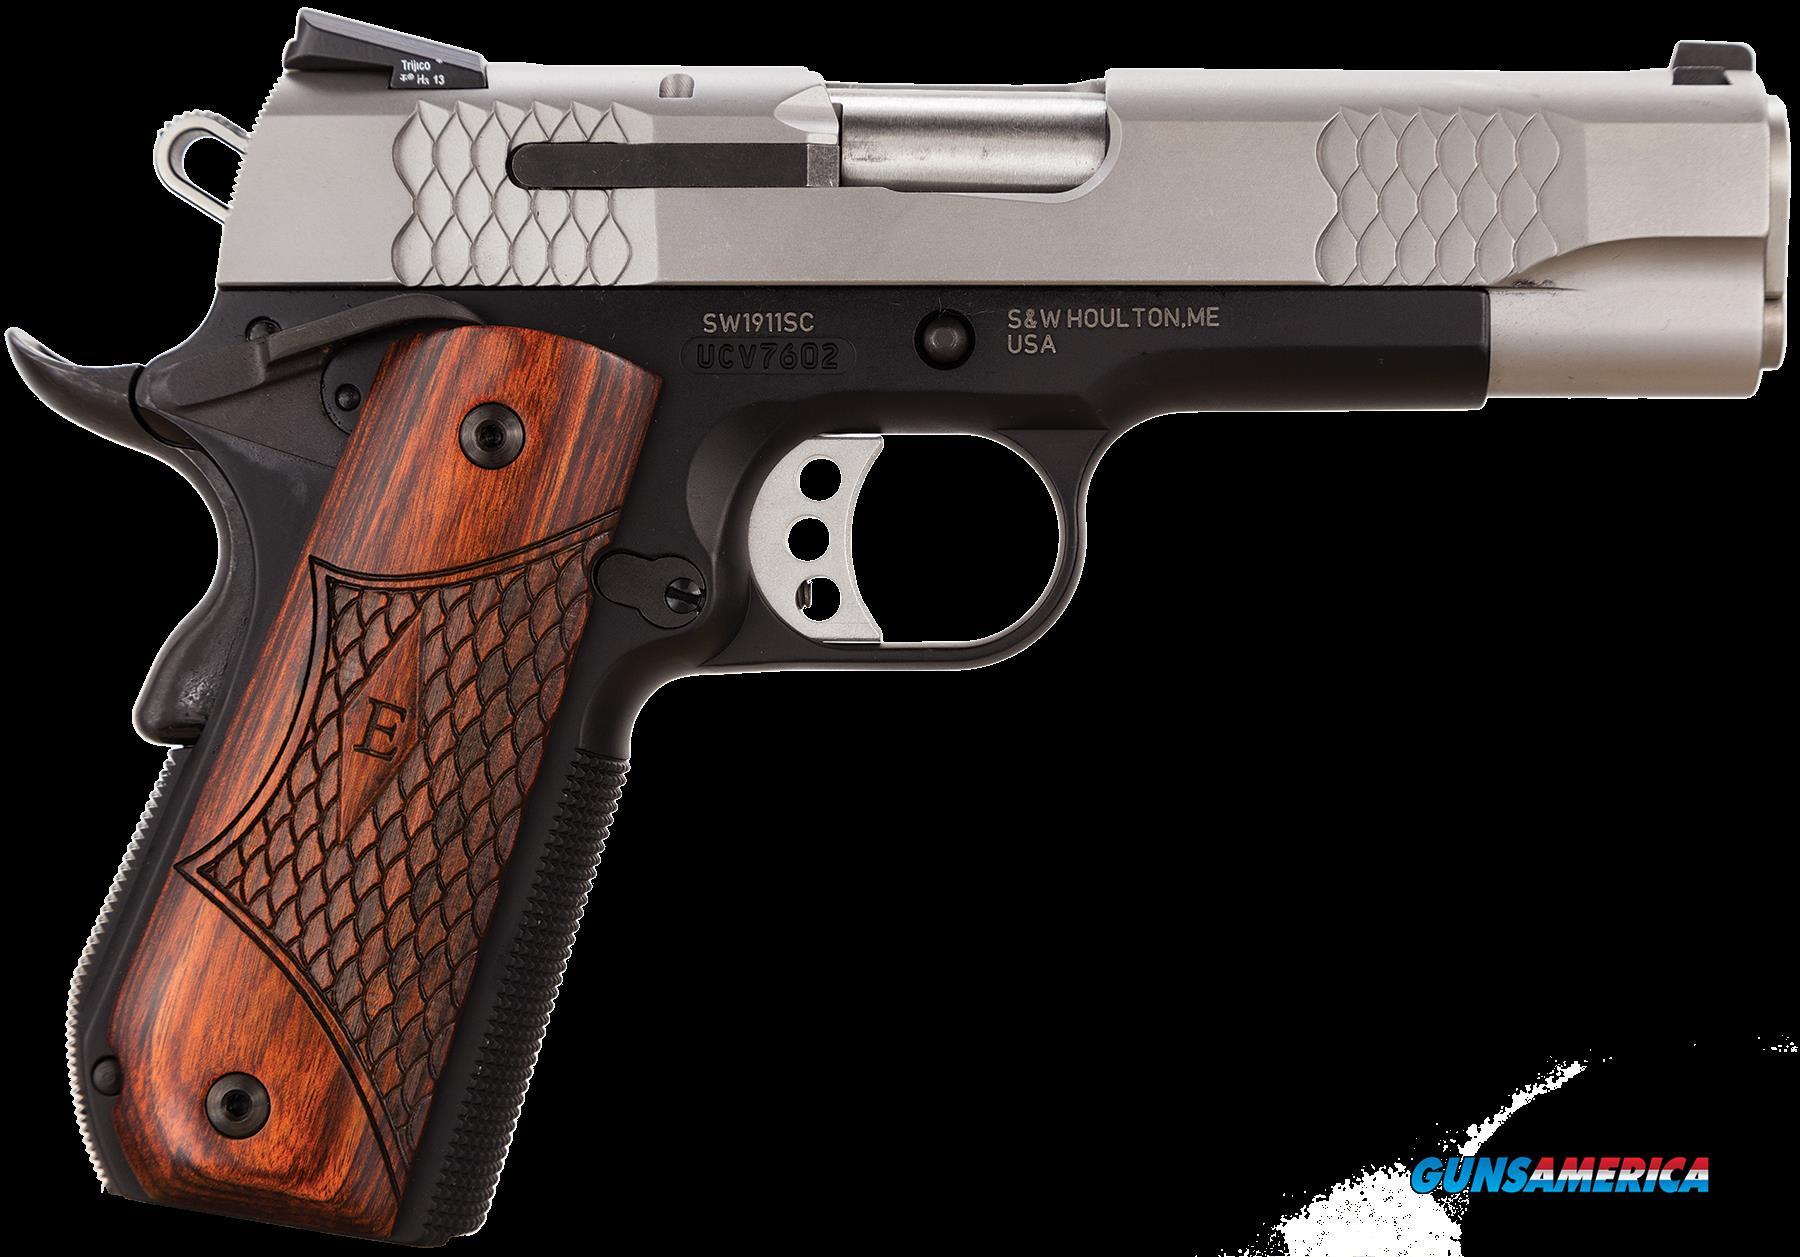 Smith & Wesson 1911, S&w M1911     108485 45 Eser 4.25 Sc  2tn  Guns > Pistols > 1911 Pistol Copies (non-Colt)